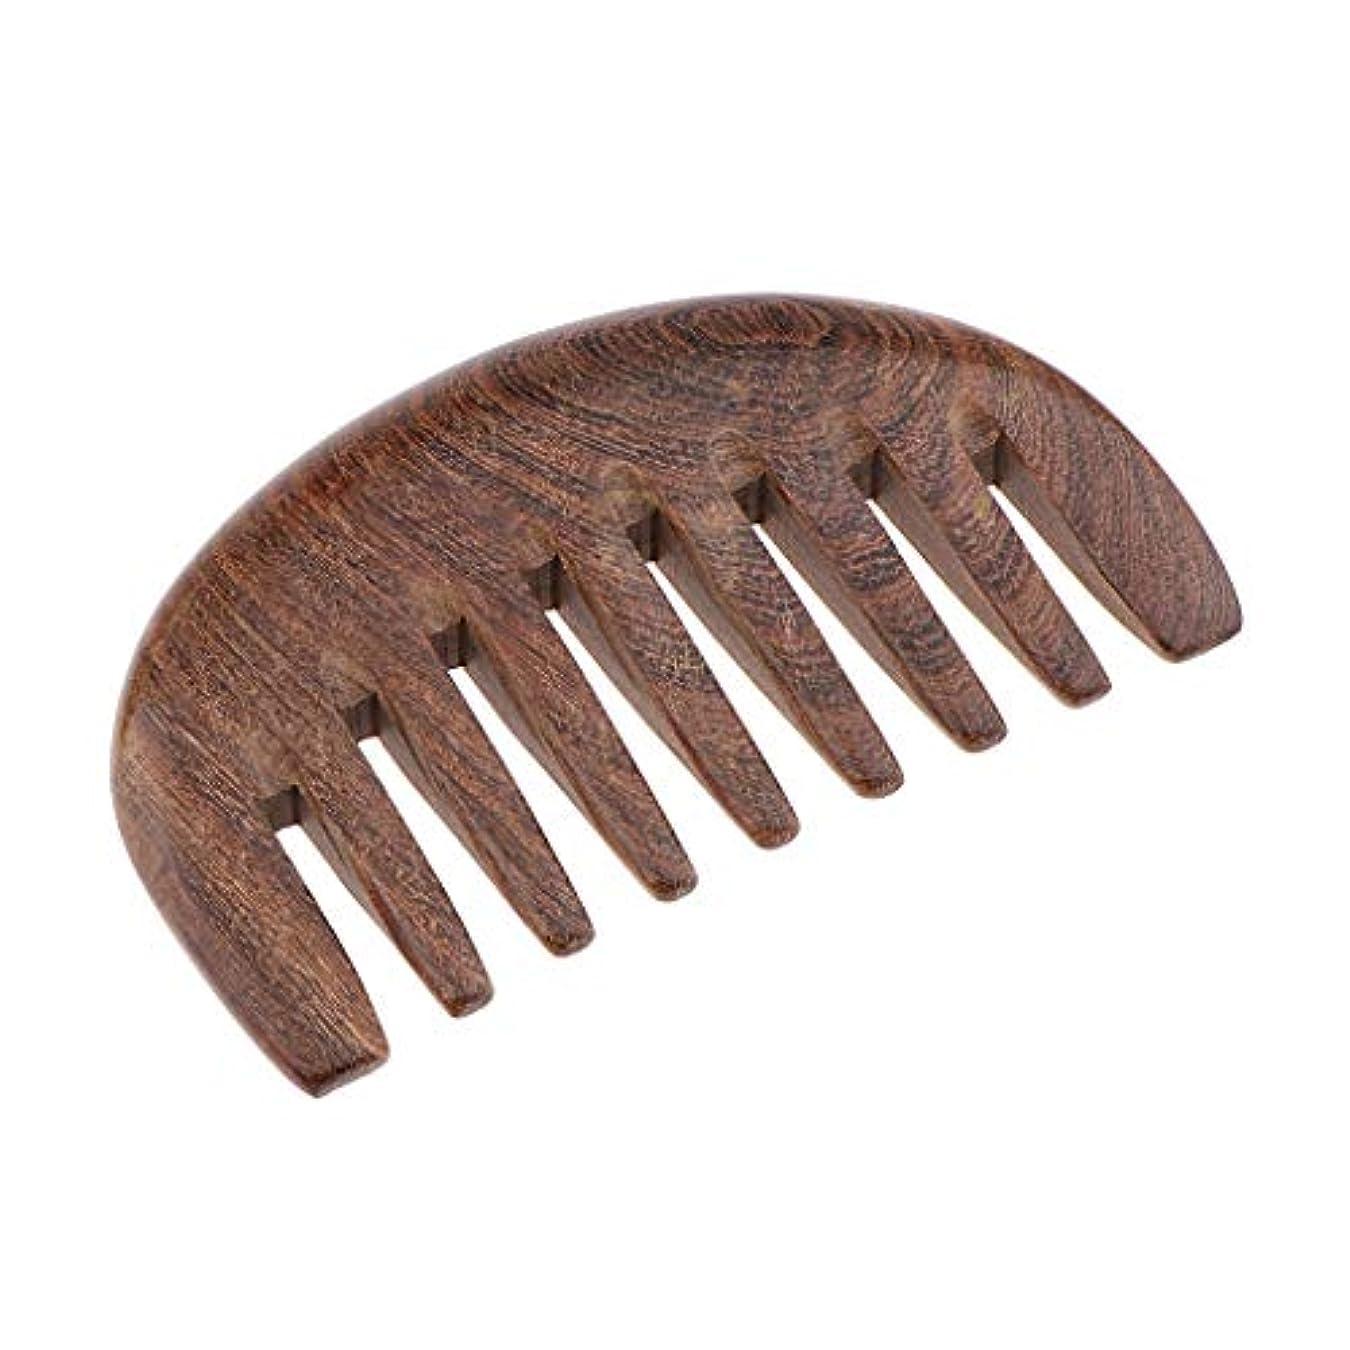 建設生む減衰B Blesiya 木製櫛 ヘアブラシ 帯電防止櫛 人間工学 3色選べ - クロロフォラ